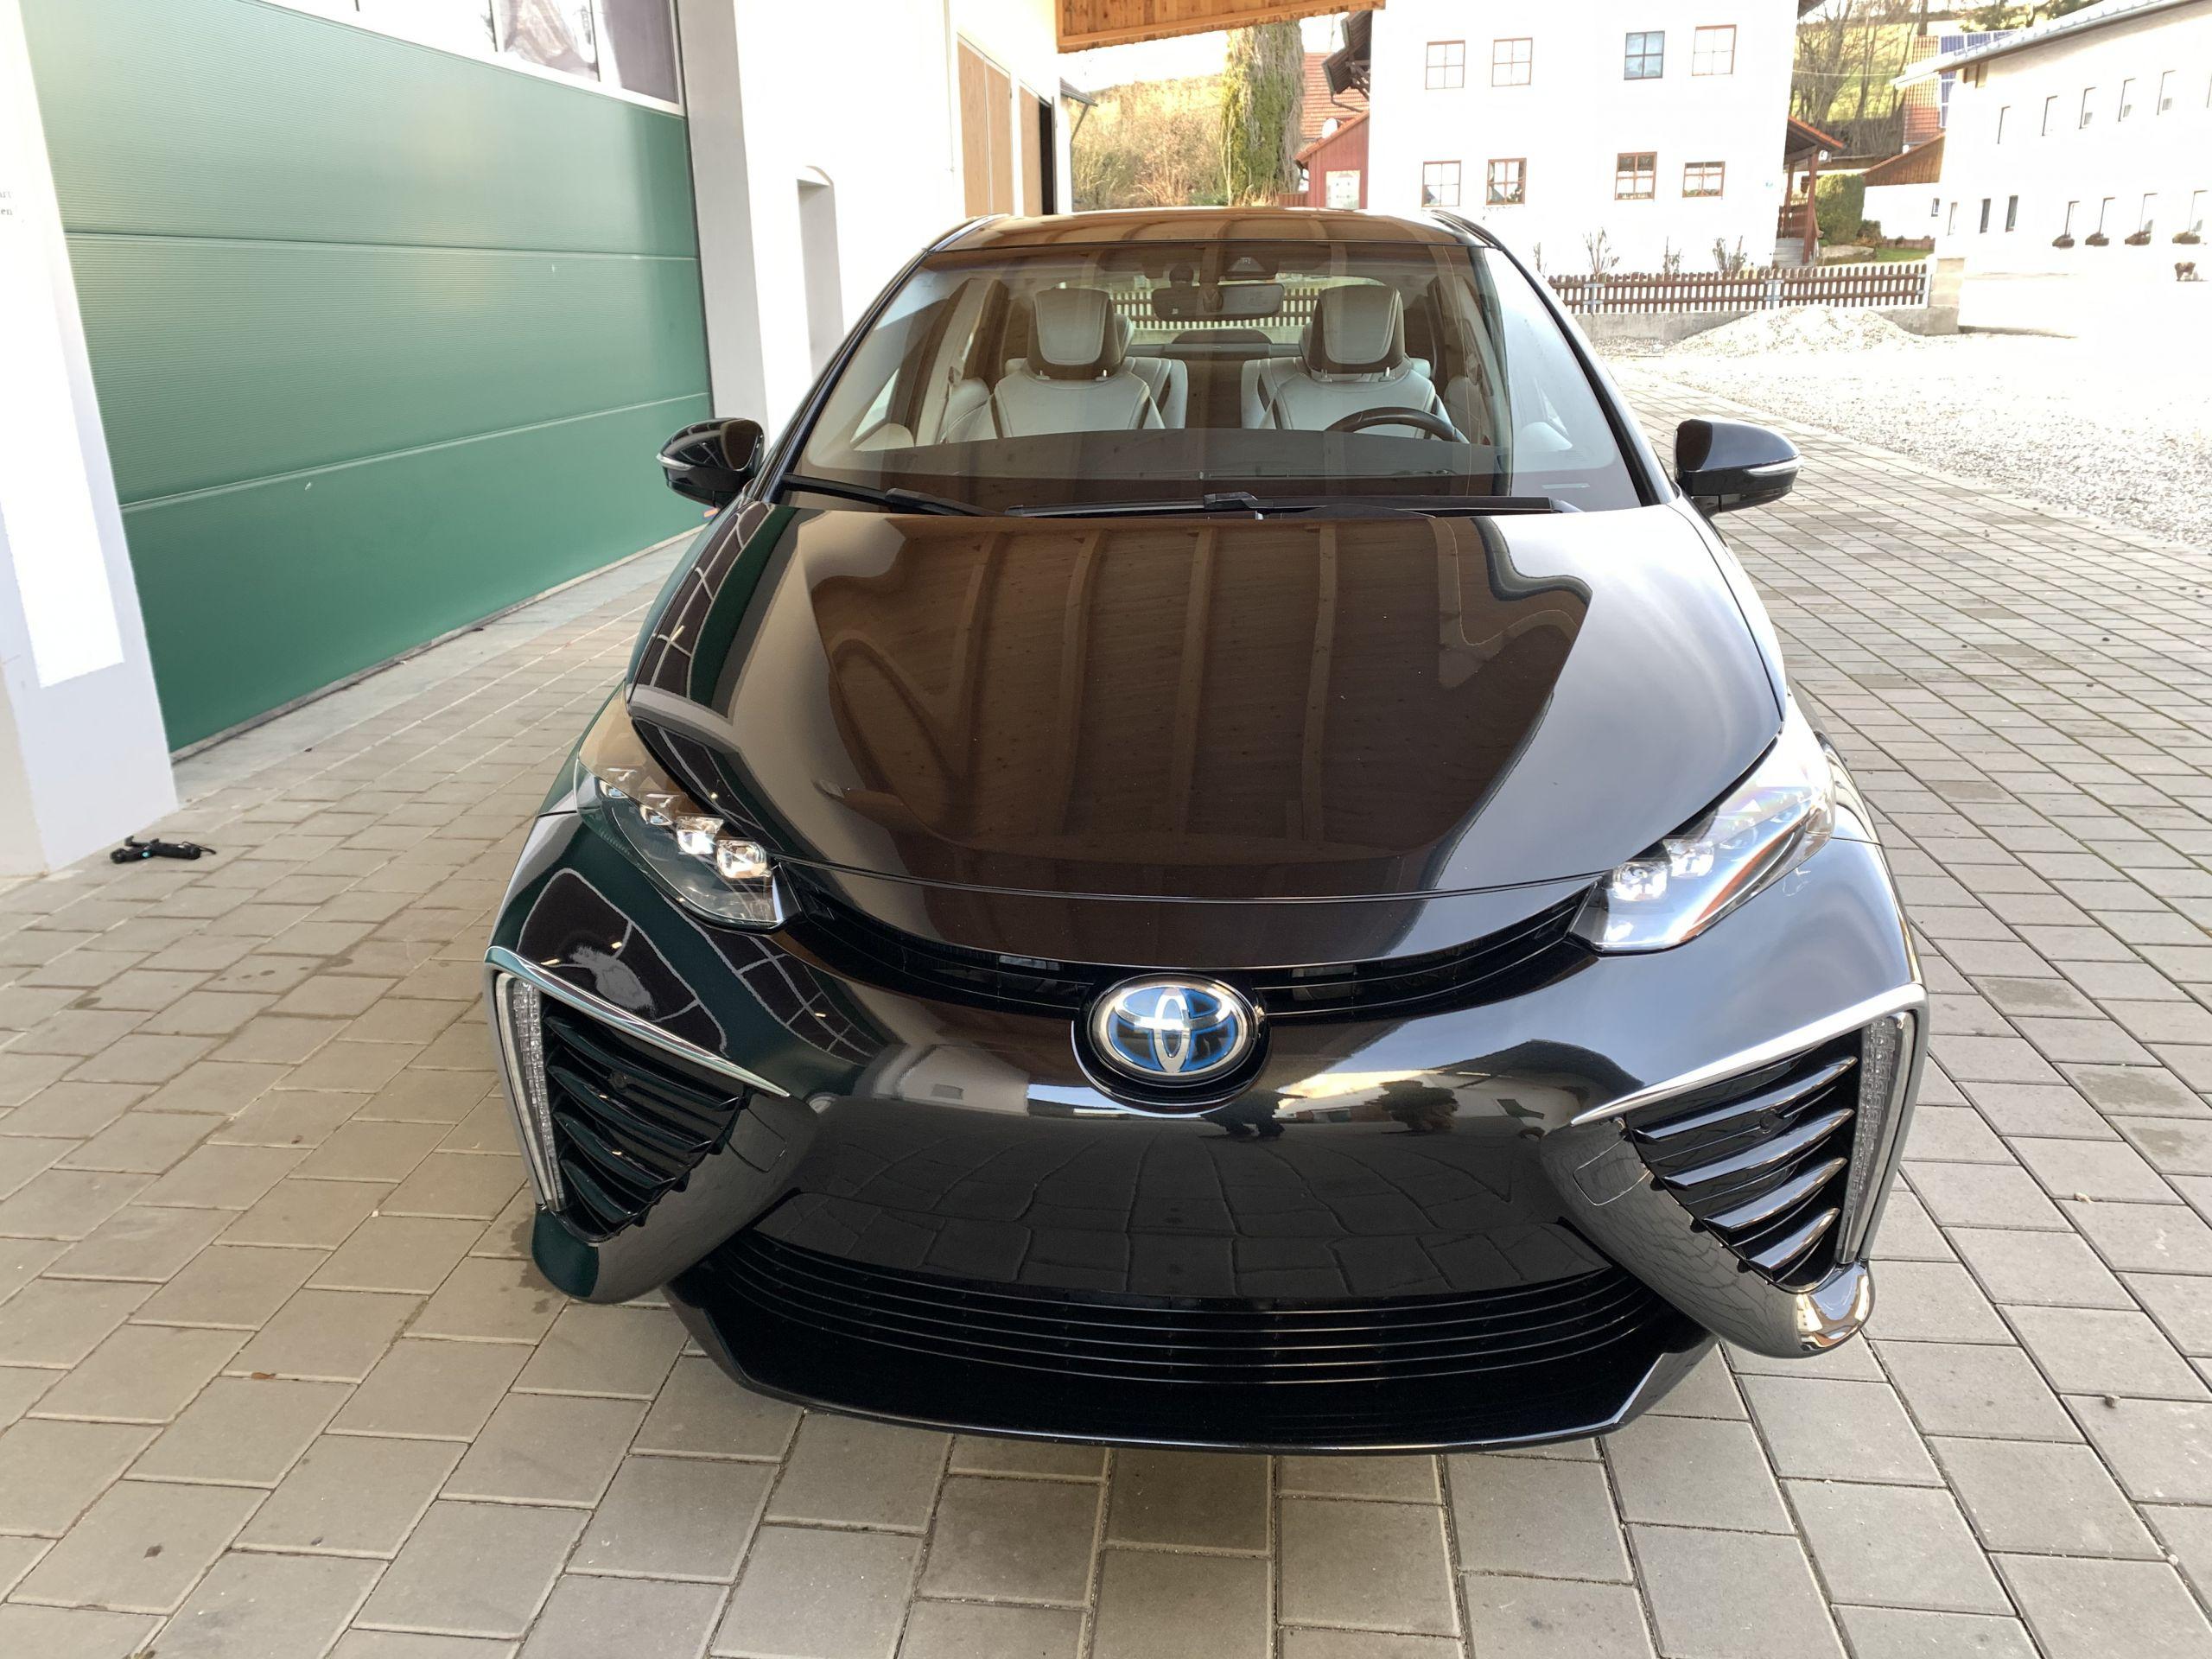 Schwarzer Gebraucht Toyota Mirai Wasserstoff Brennstoffzelle zu verkaufen Deutschland 19